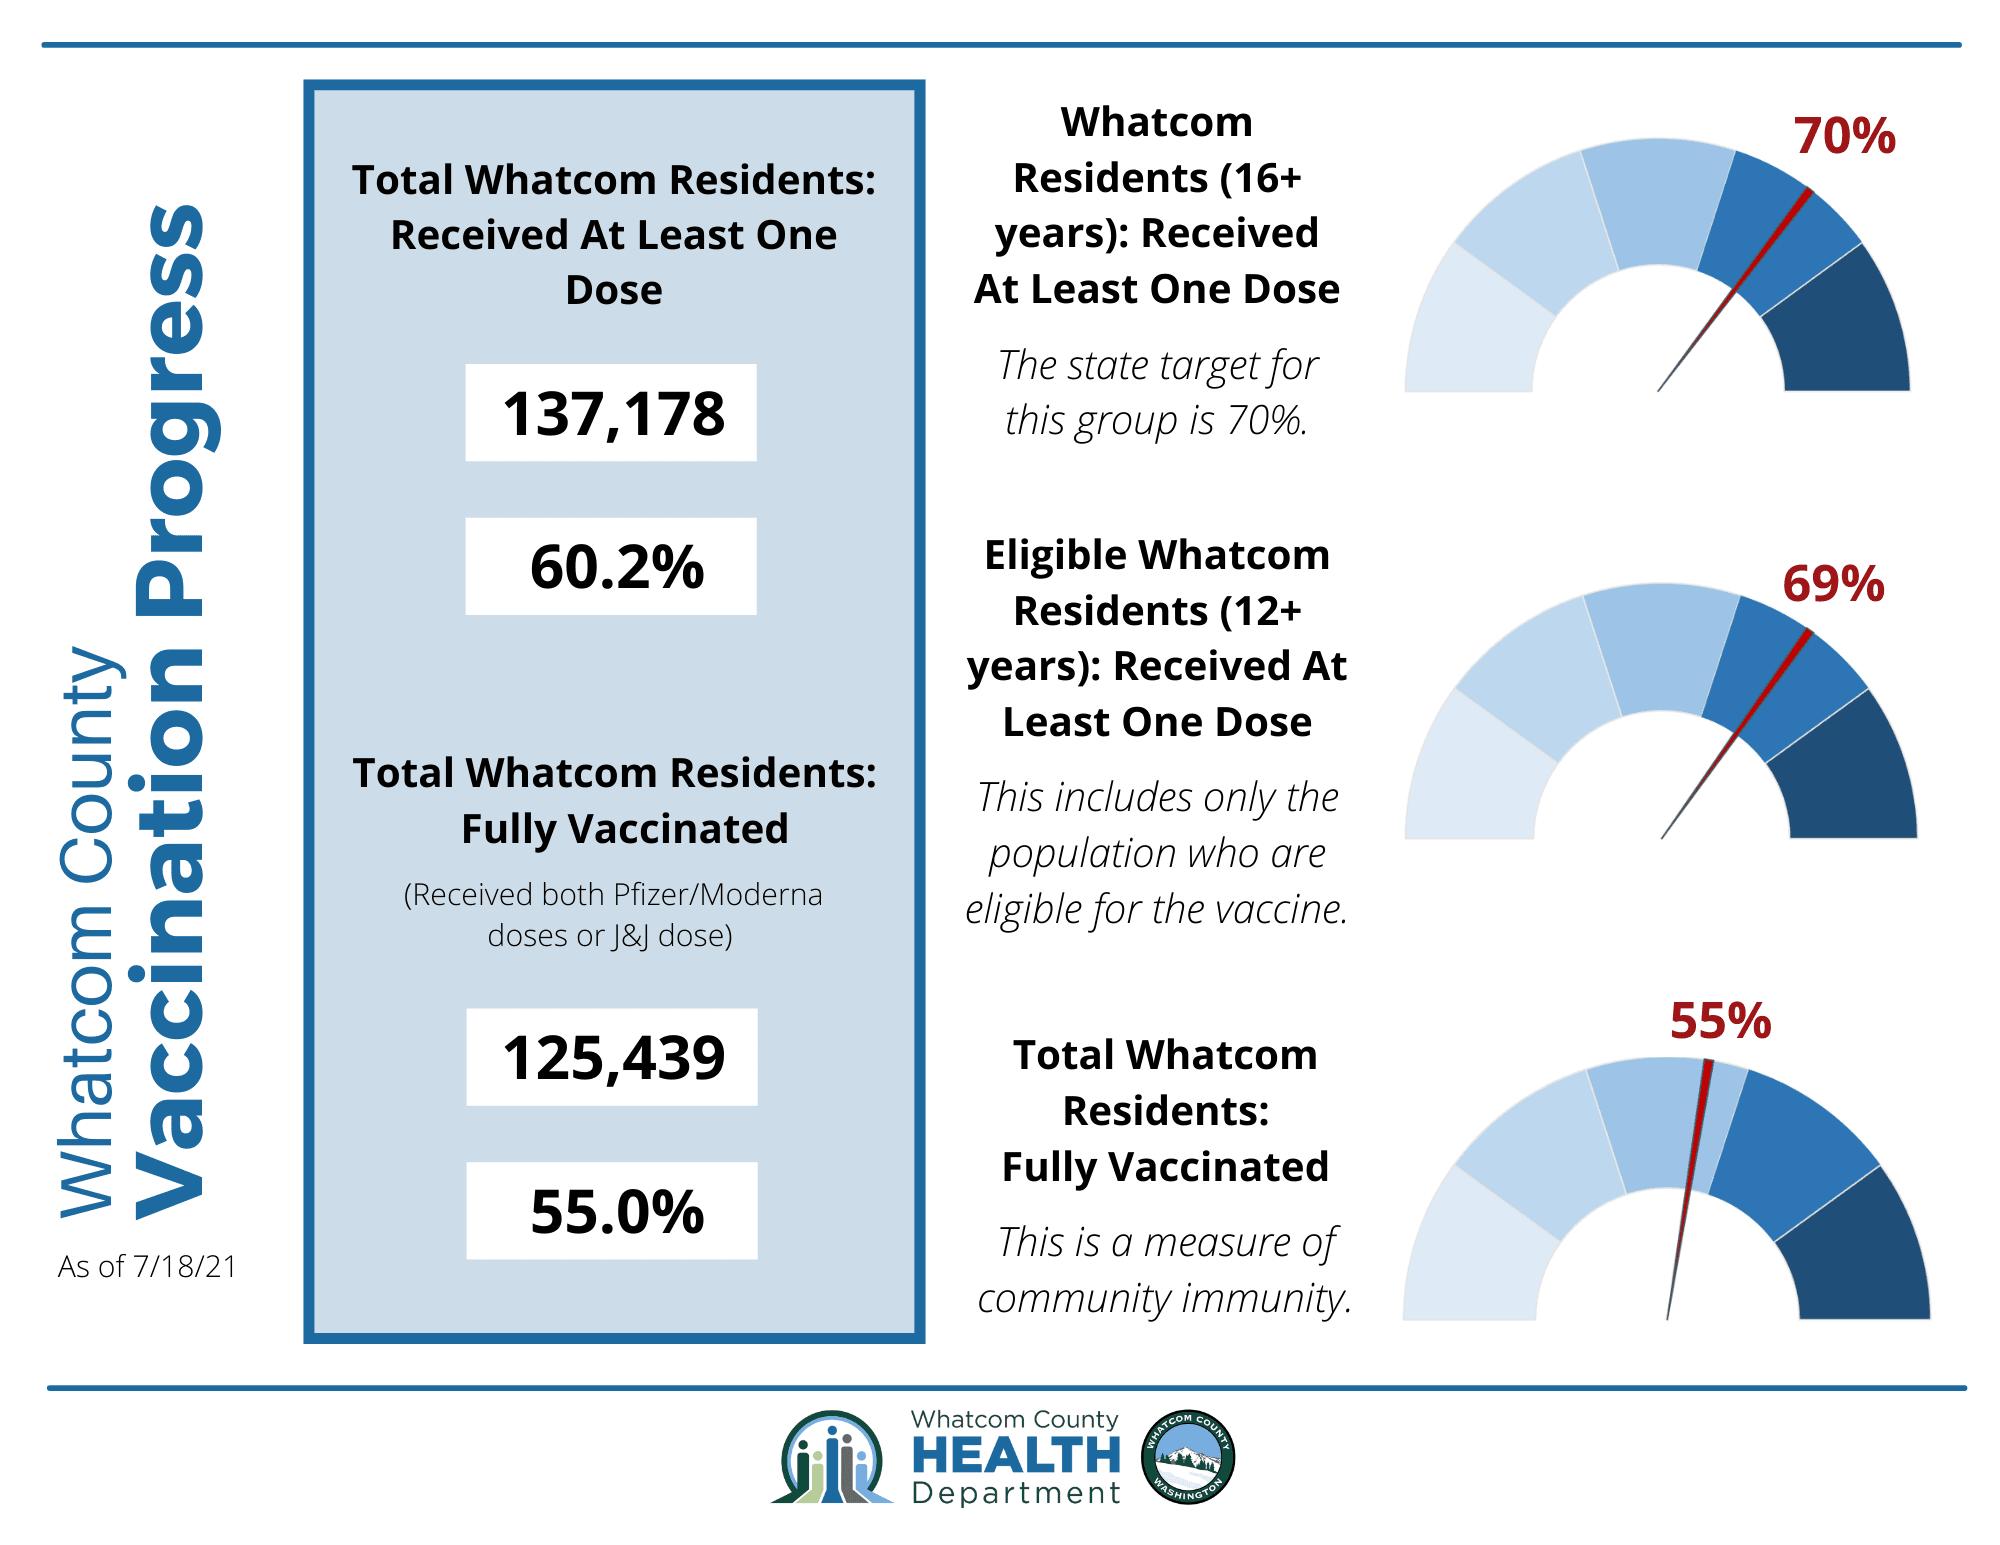 Whatcom County Vax Progress Infographic 7/20